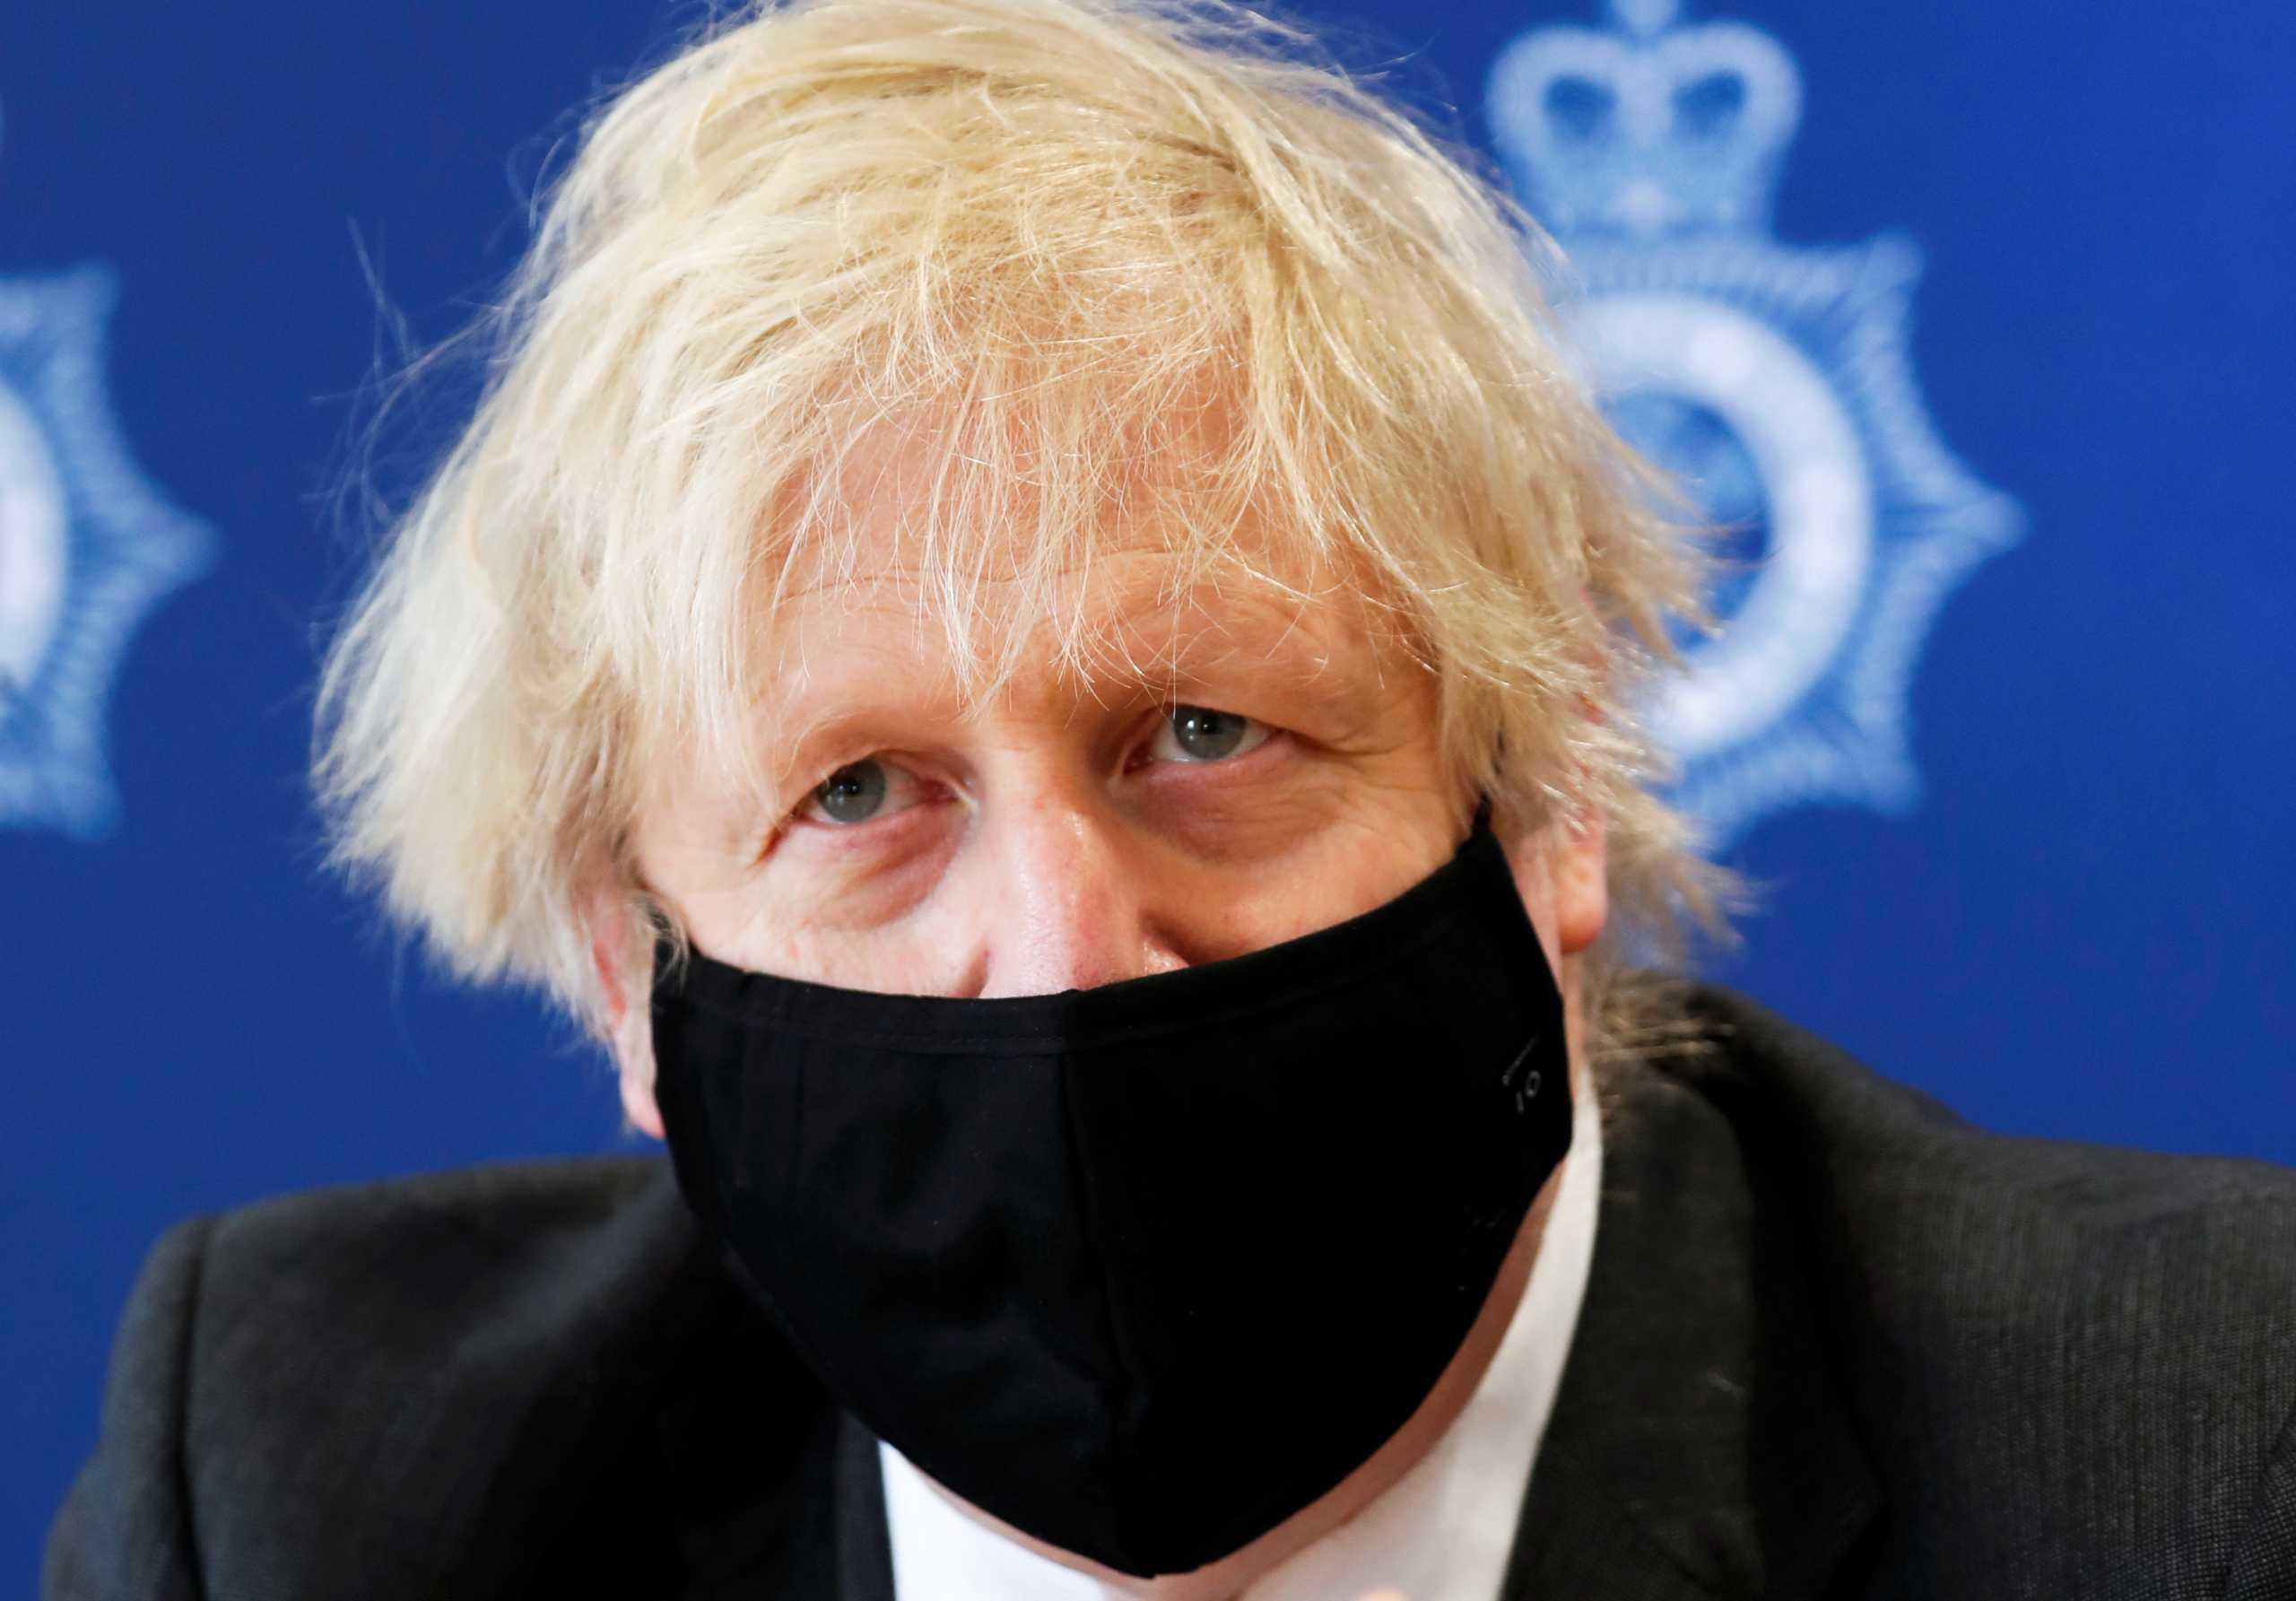 Βρετανία: Ο πρωθυπουργός ανακοινώνει τον οδικό χάρτη για τη χαλάρωση του lockdown